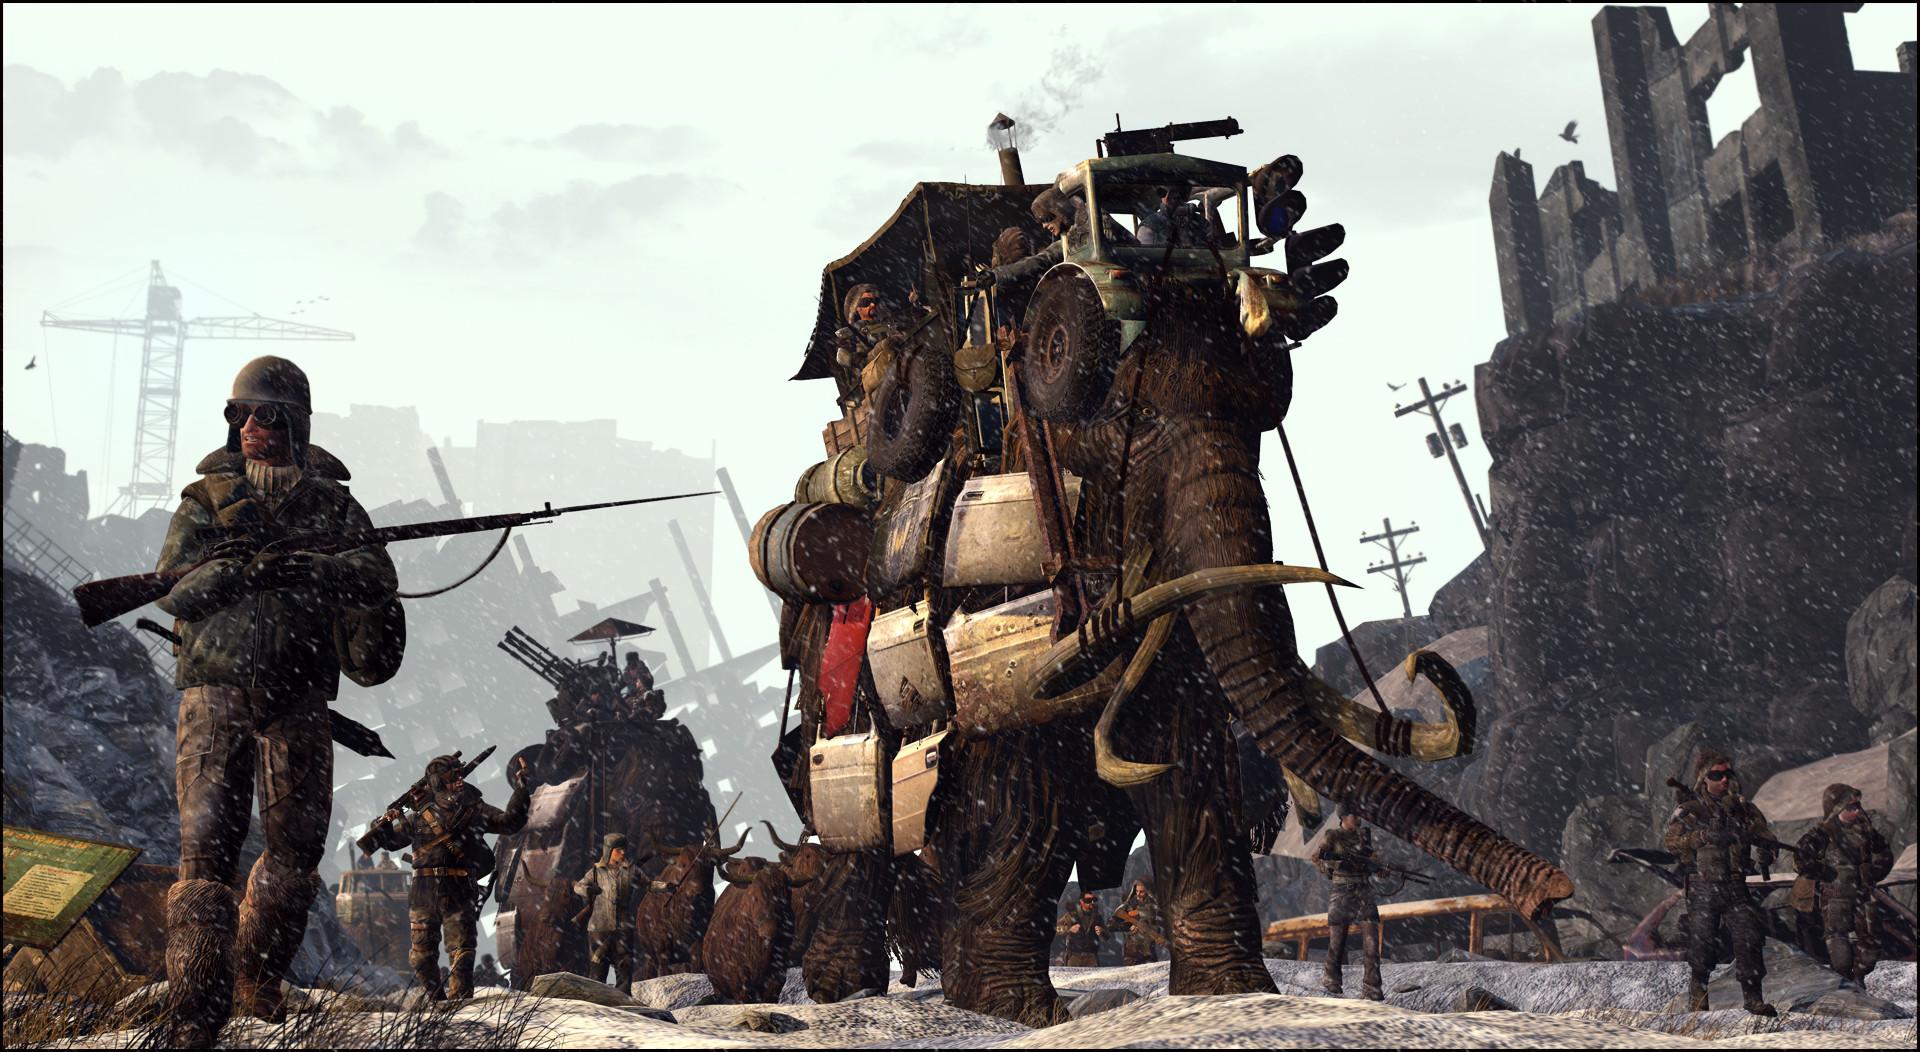 Armored caravan by JuavT